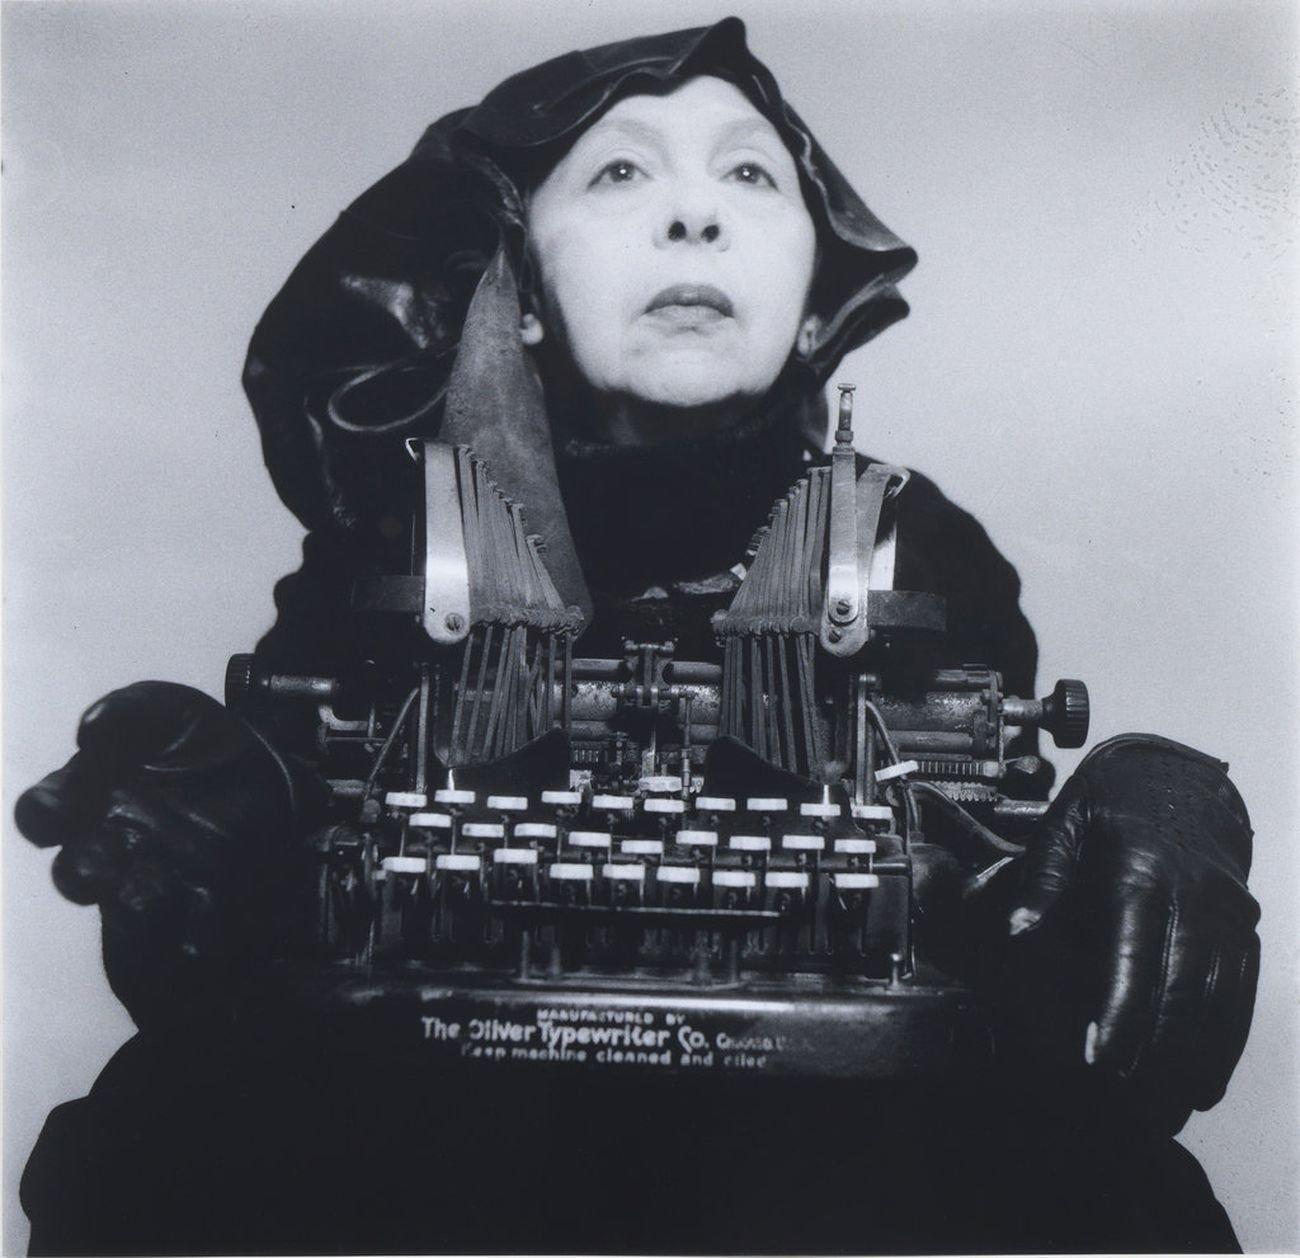 Geta Bratescu, Doamna Oliver în costum de călătorie, 1980 2012. Photo Mihai Brătescu. Collezione Privata, Bucarest